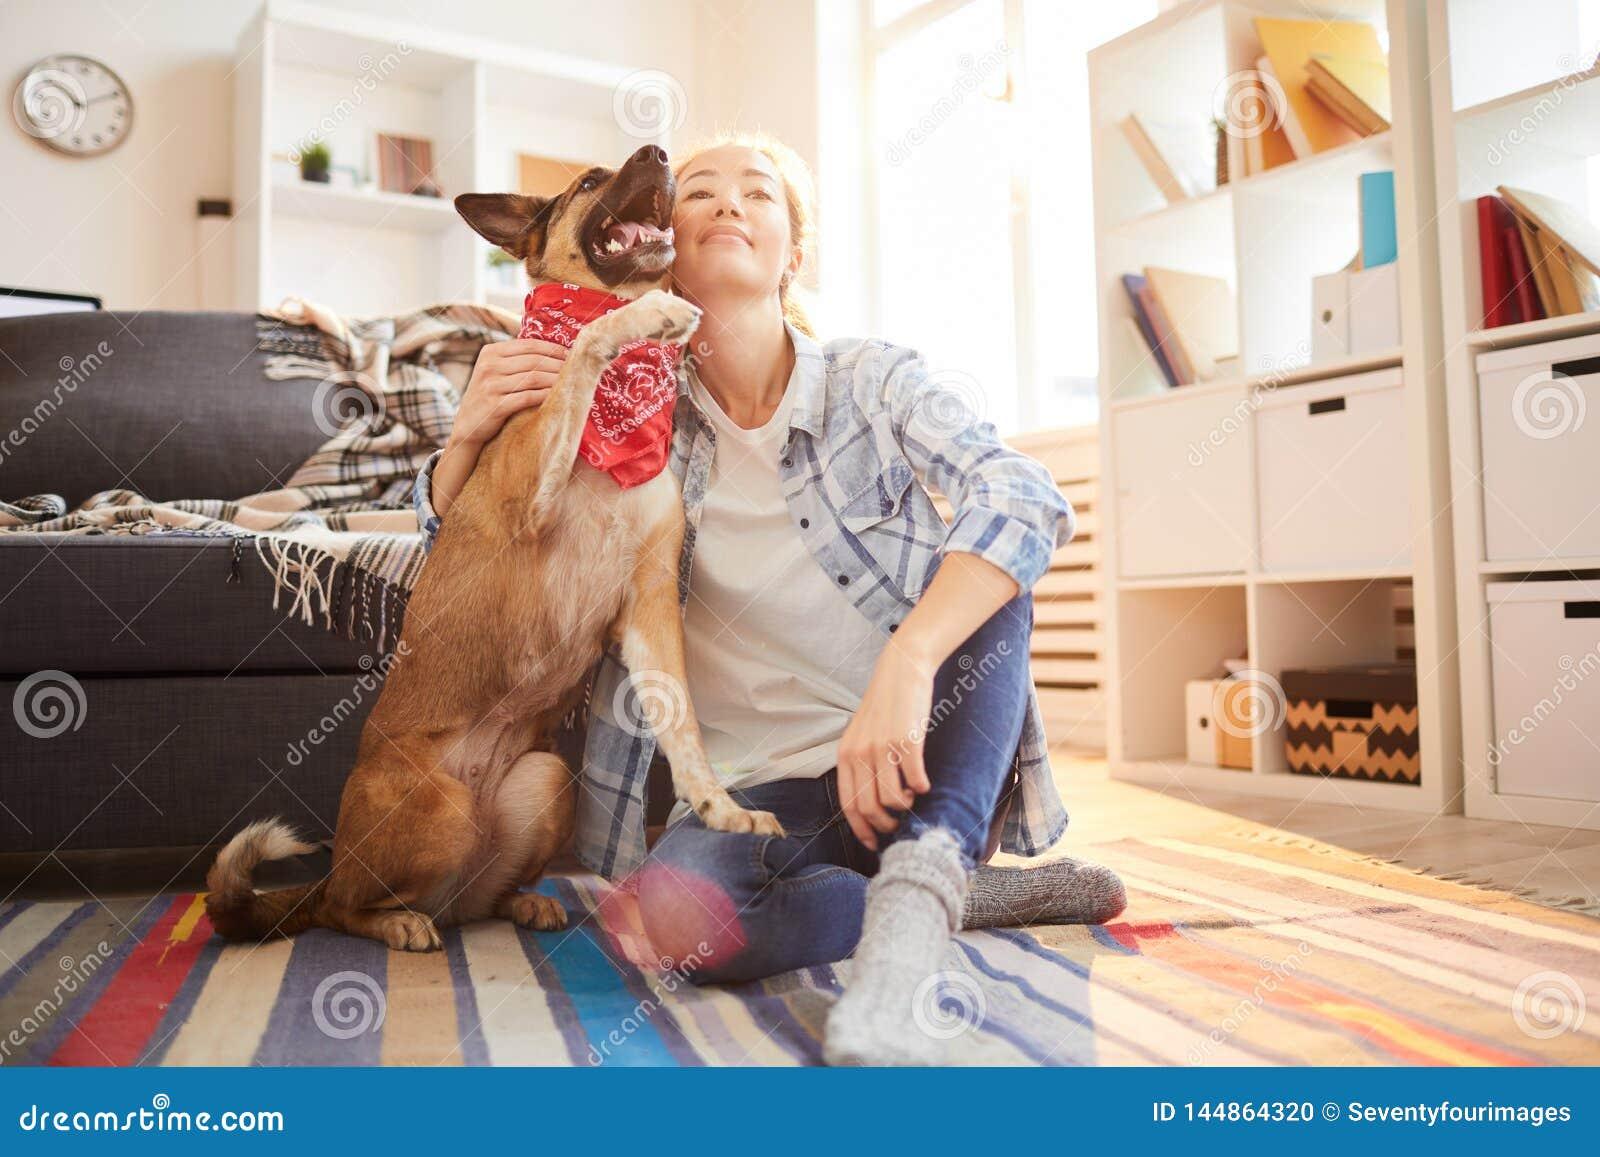 Woman with Shepherd Dog